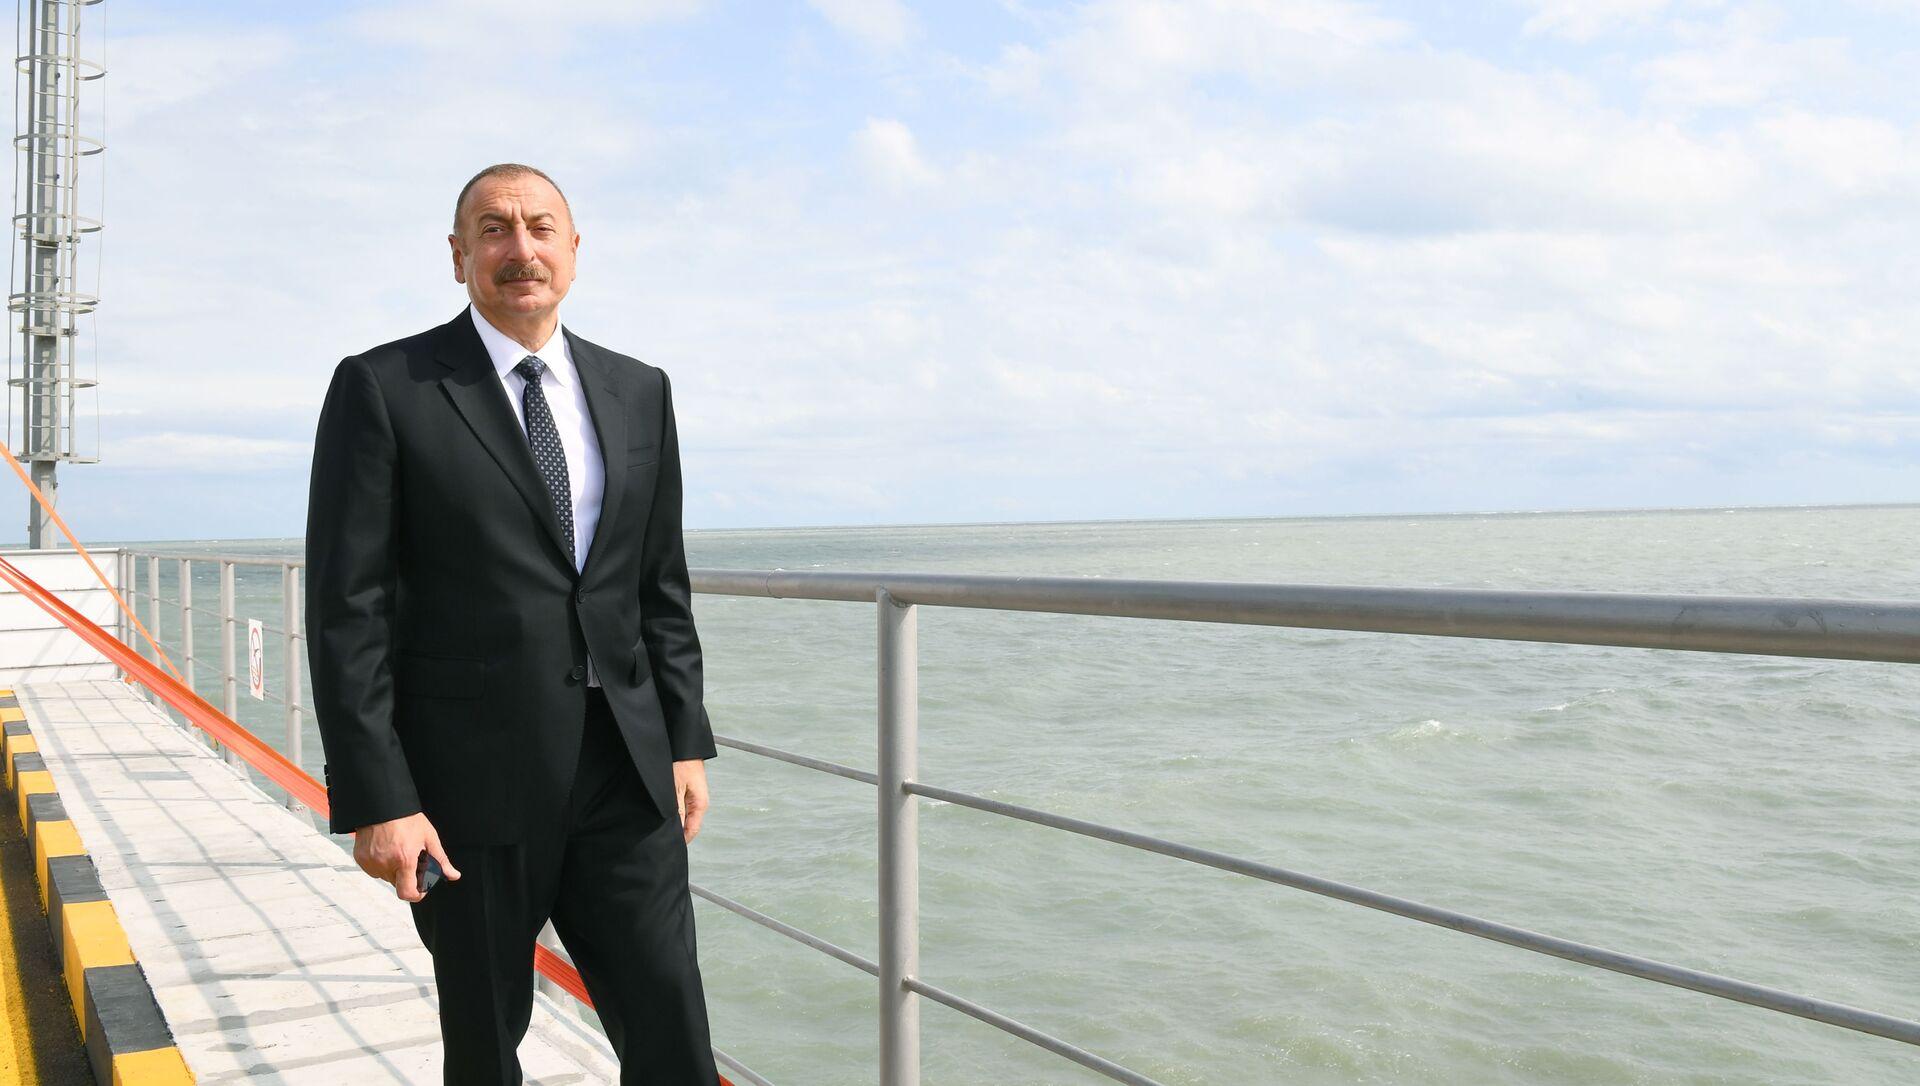 Президент Ильхам Алиев принял участие в открытии новой эстакады-насосной станции Сумгайытской электростанции - Sputnik Азербайджан, 1920, 03.09.2021